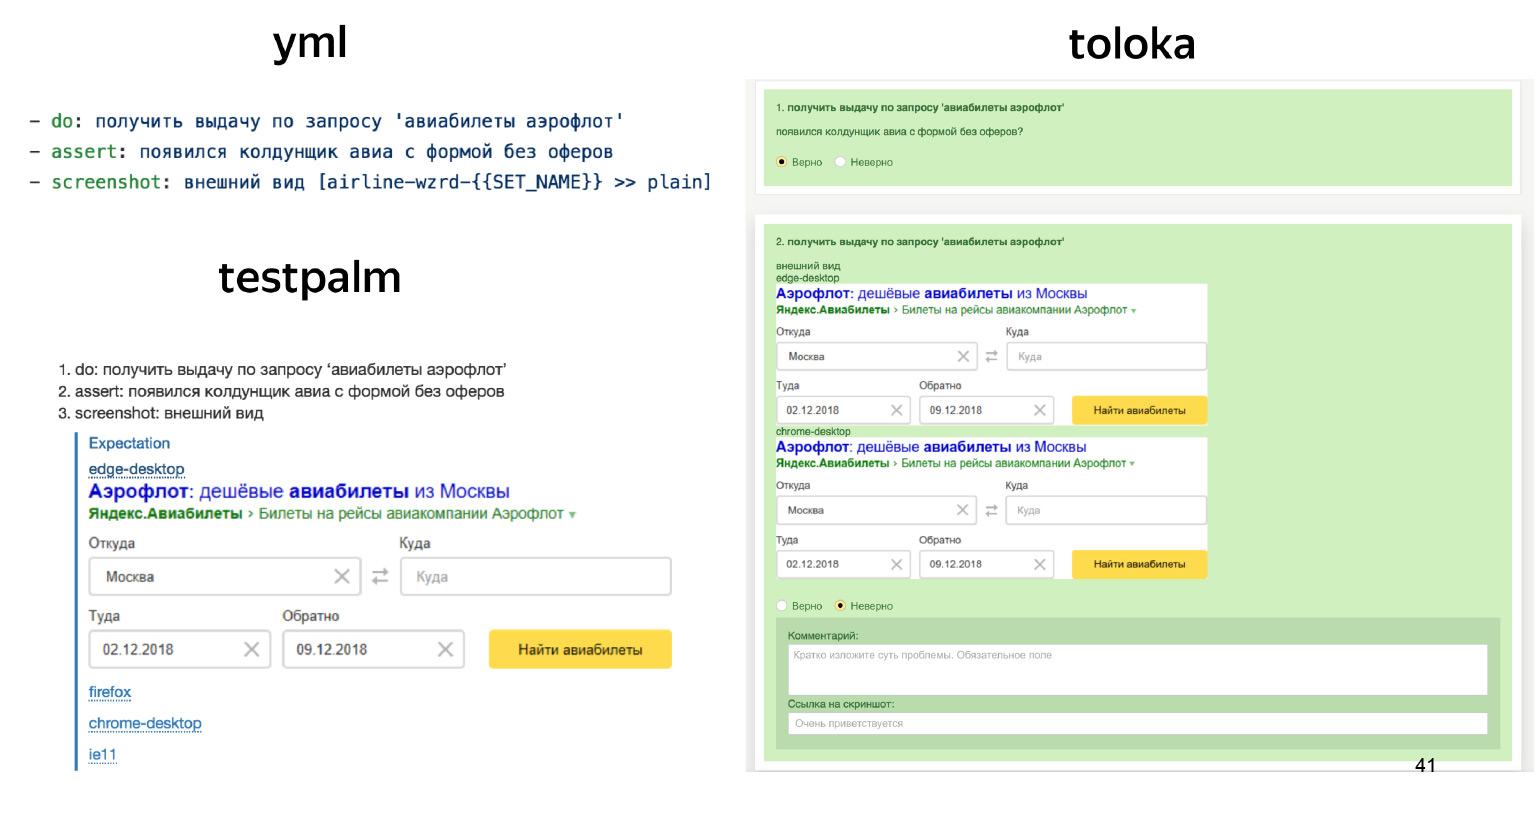 Автоматизация тестирования на максималках. Доклад Яндекса - 27